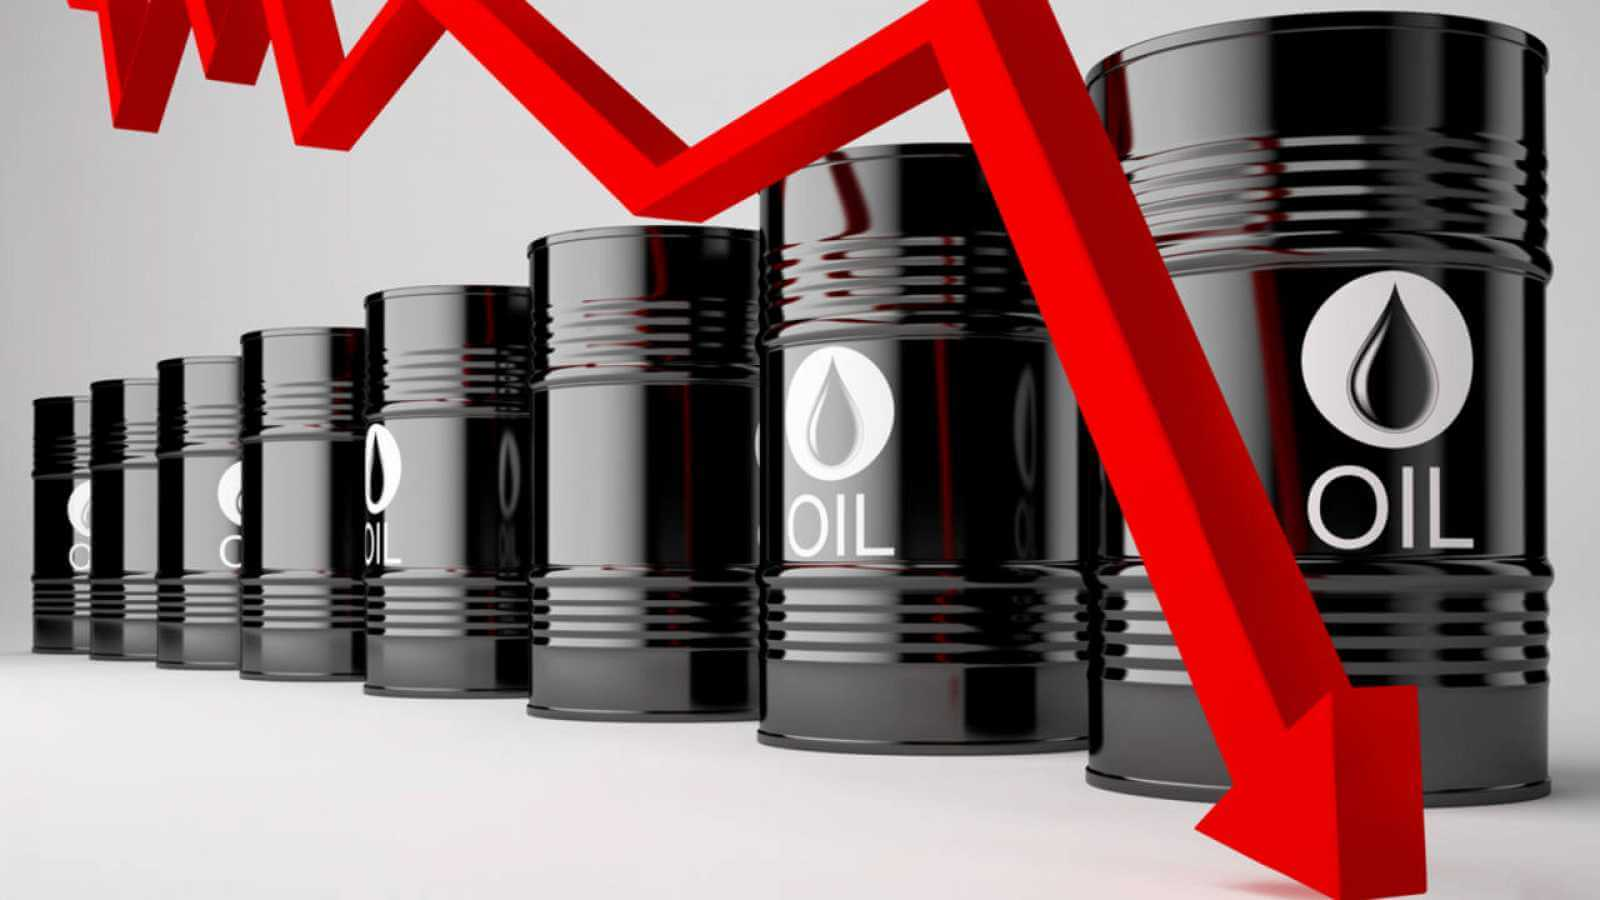 Los desarrollos dinámicos del petróleo en el mundo